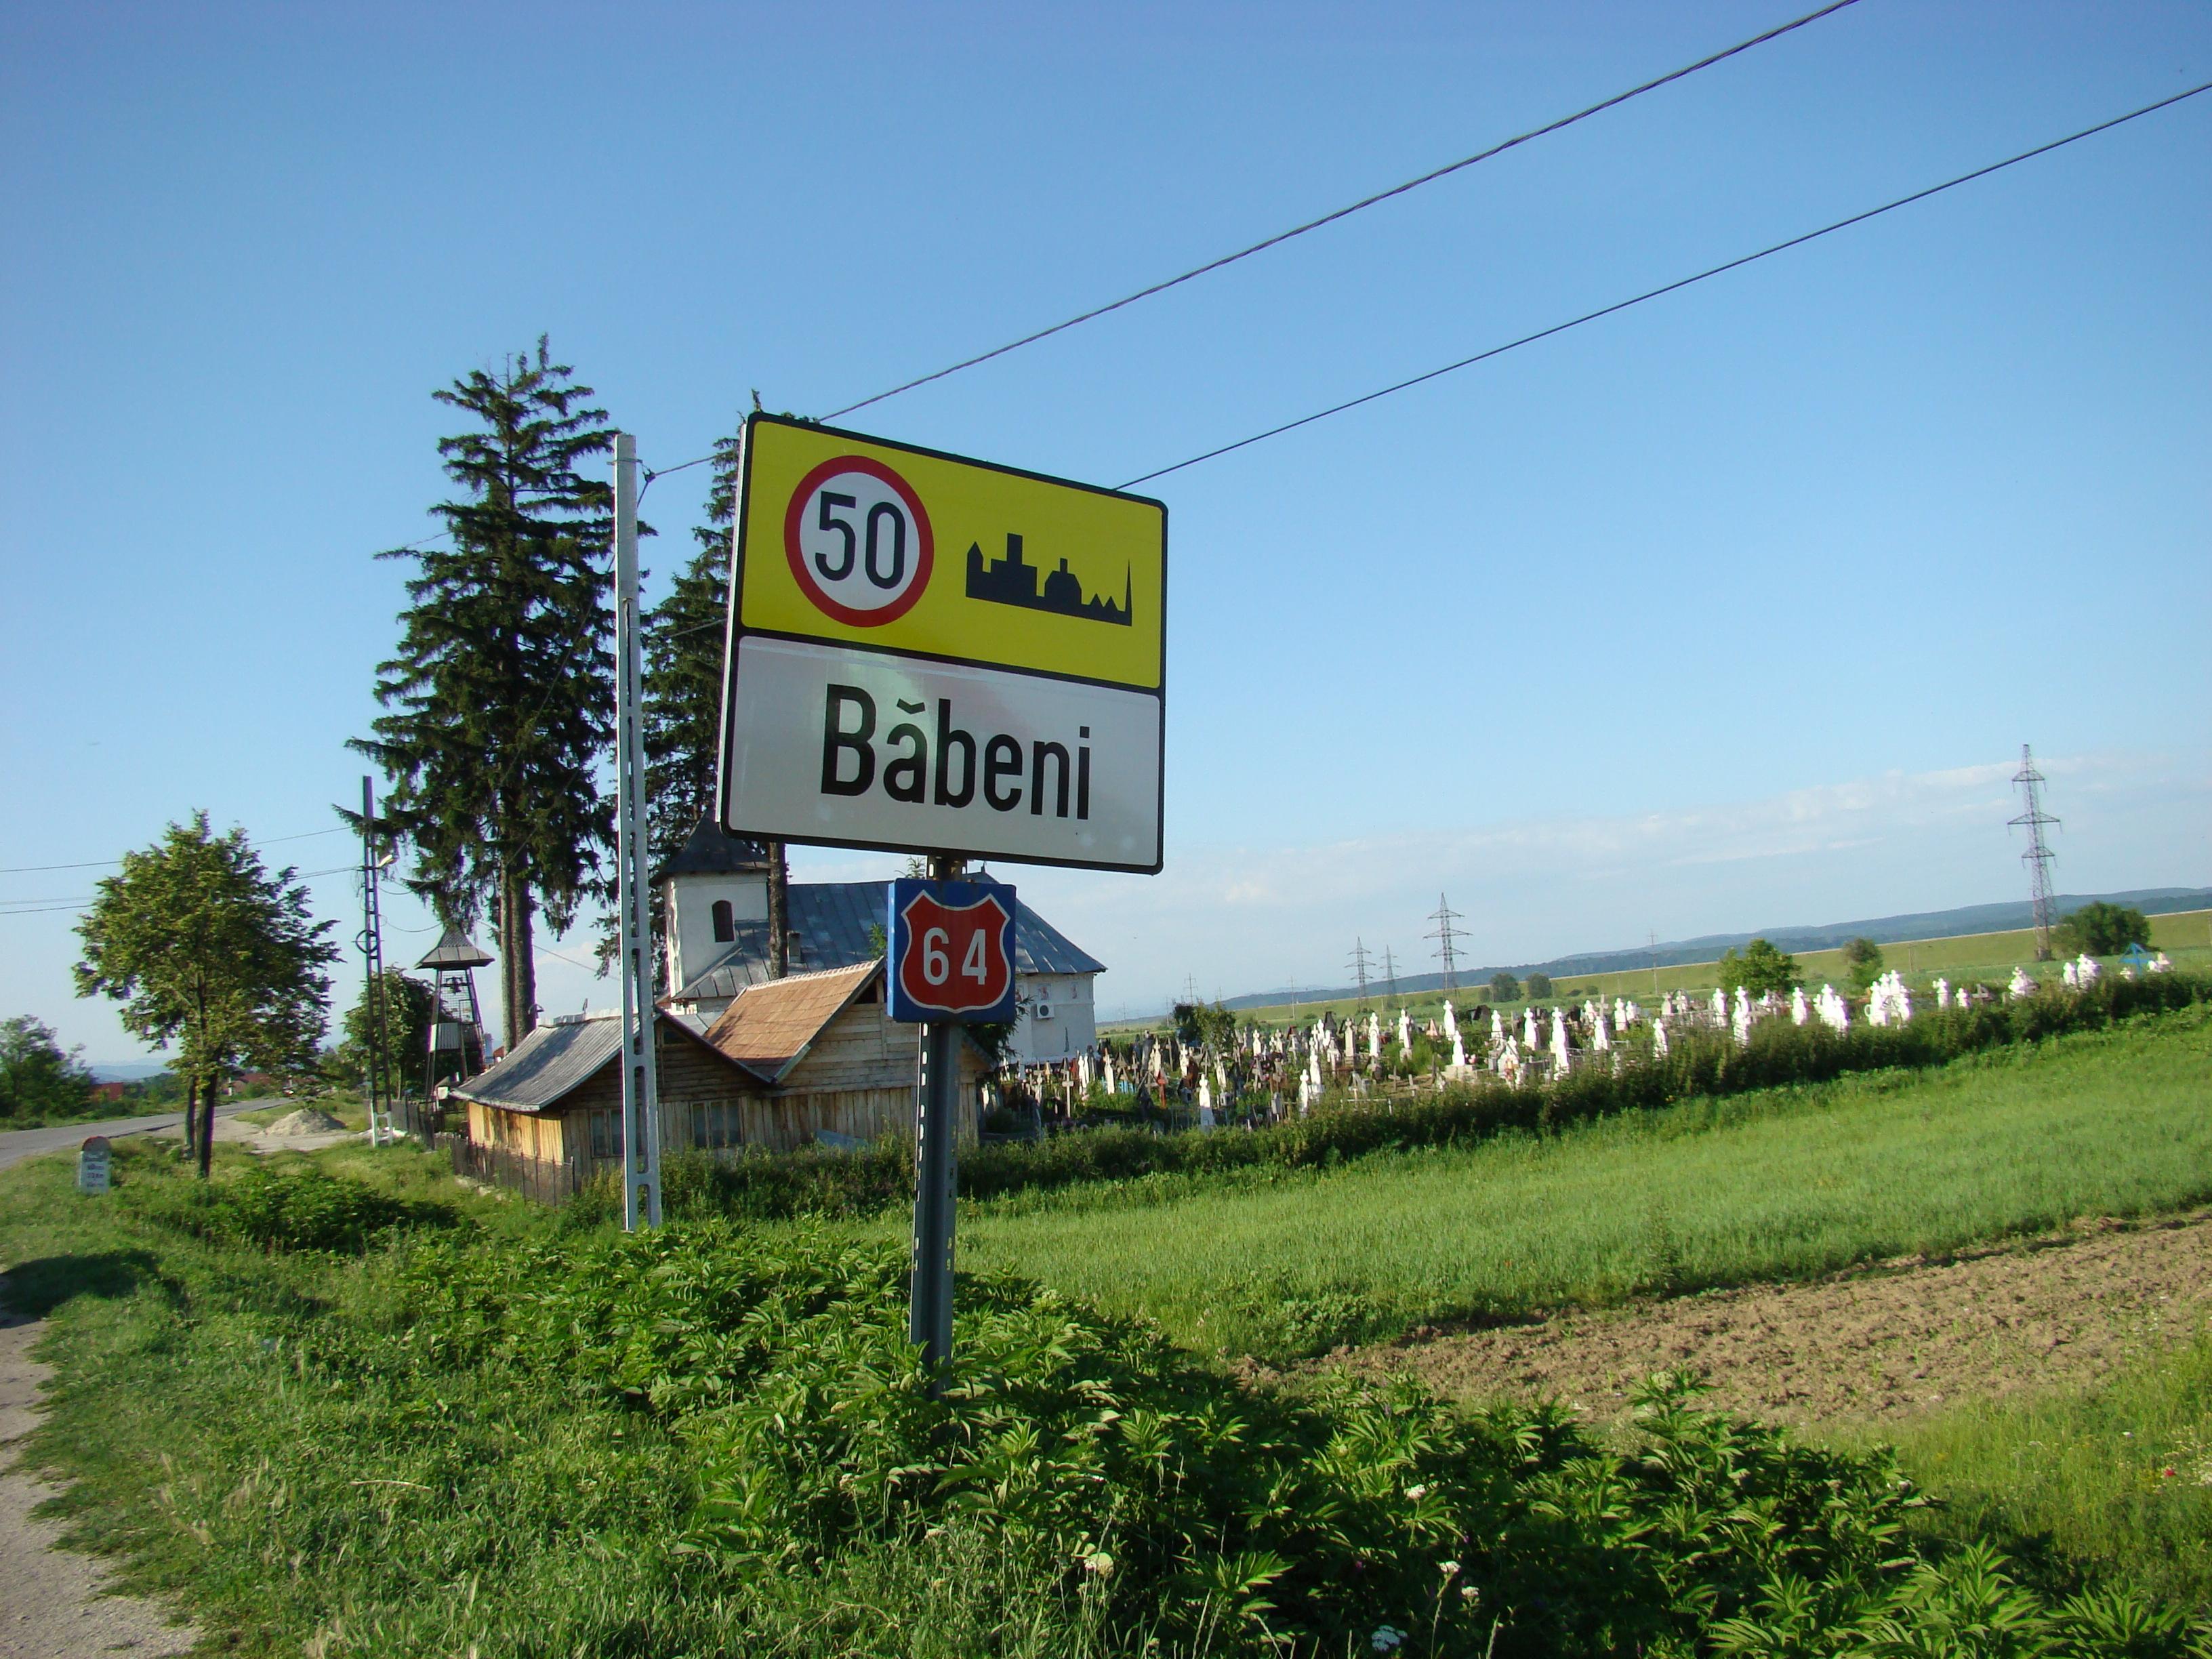 Babeni City